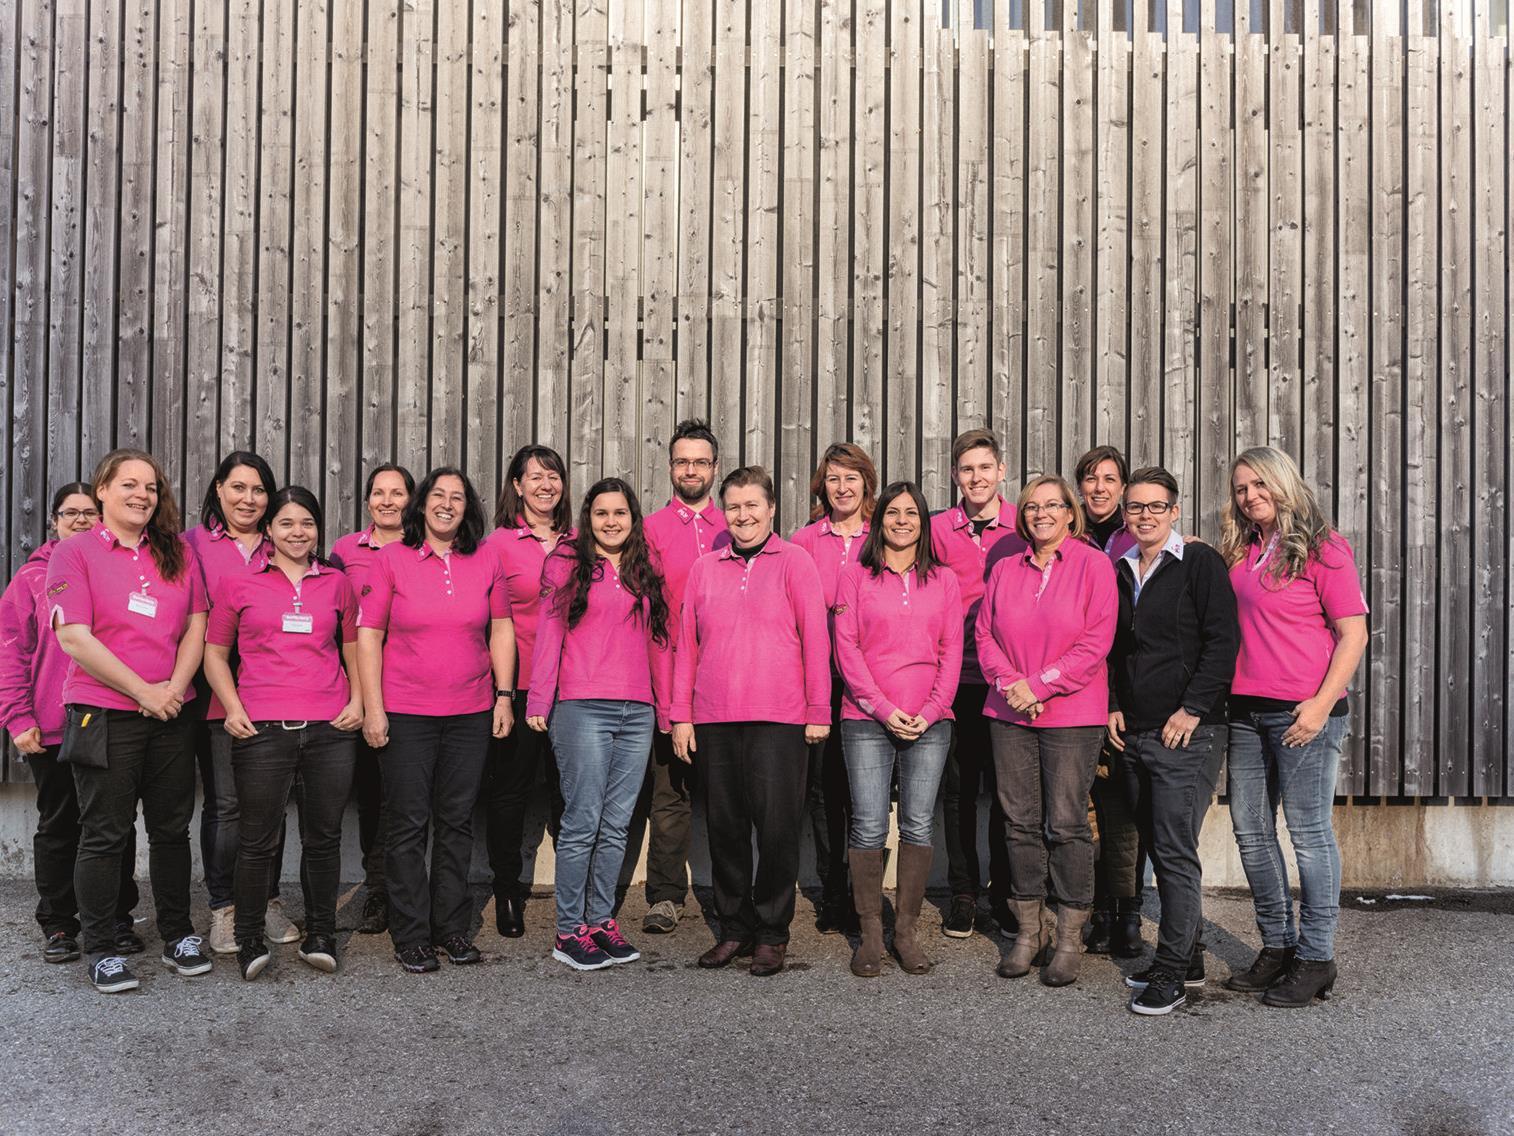 Top-Team für Top-Einkaufsvergnügen: Die Mannschaft des Sutterlüty Ländlemarkt in Weiler wartet auf die Kunden.